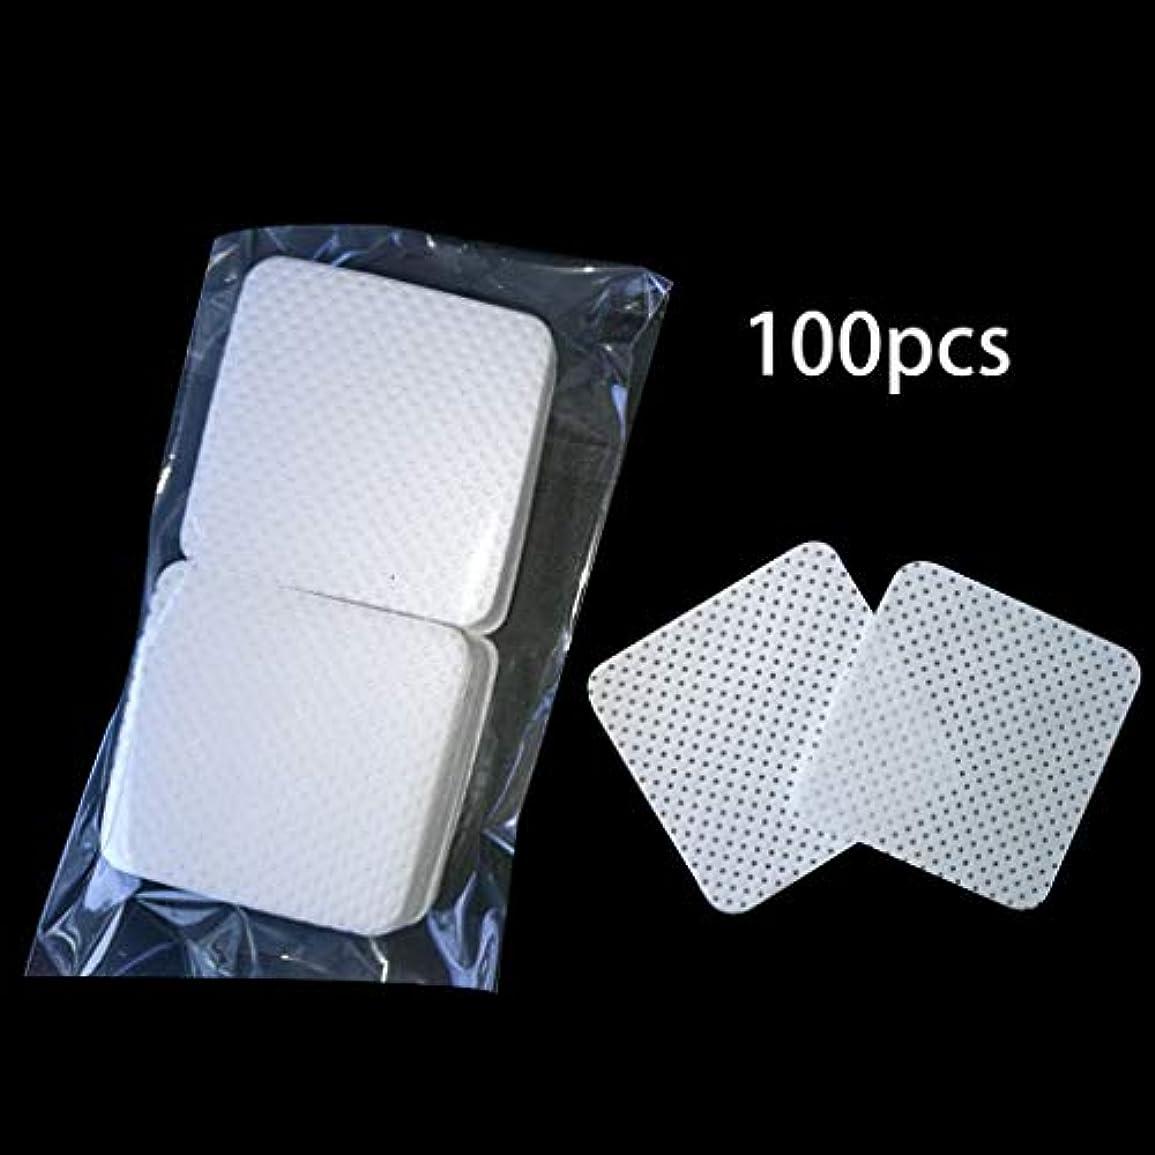 注意酸っぱい置くためにパックLamdoo 100ピース/バッグ使い捨てまつげエクステンション接着剤削除綿パッド瓶口拭きパッチメイク化粧品クリーニングツール